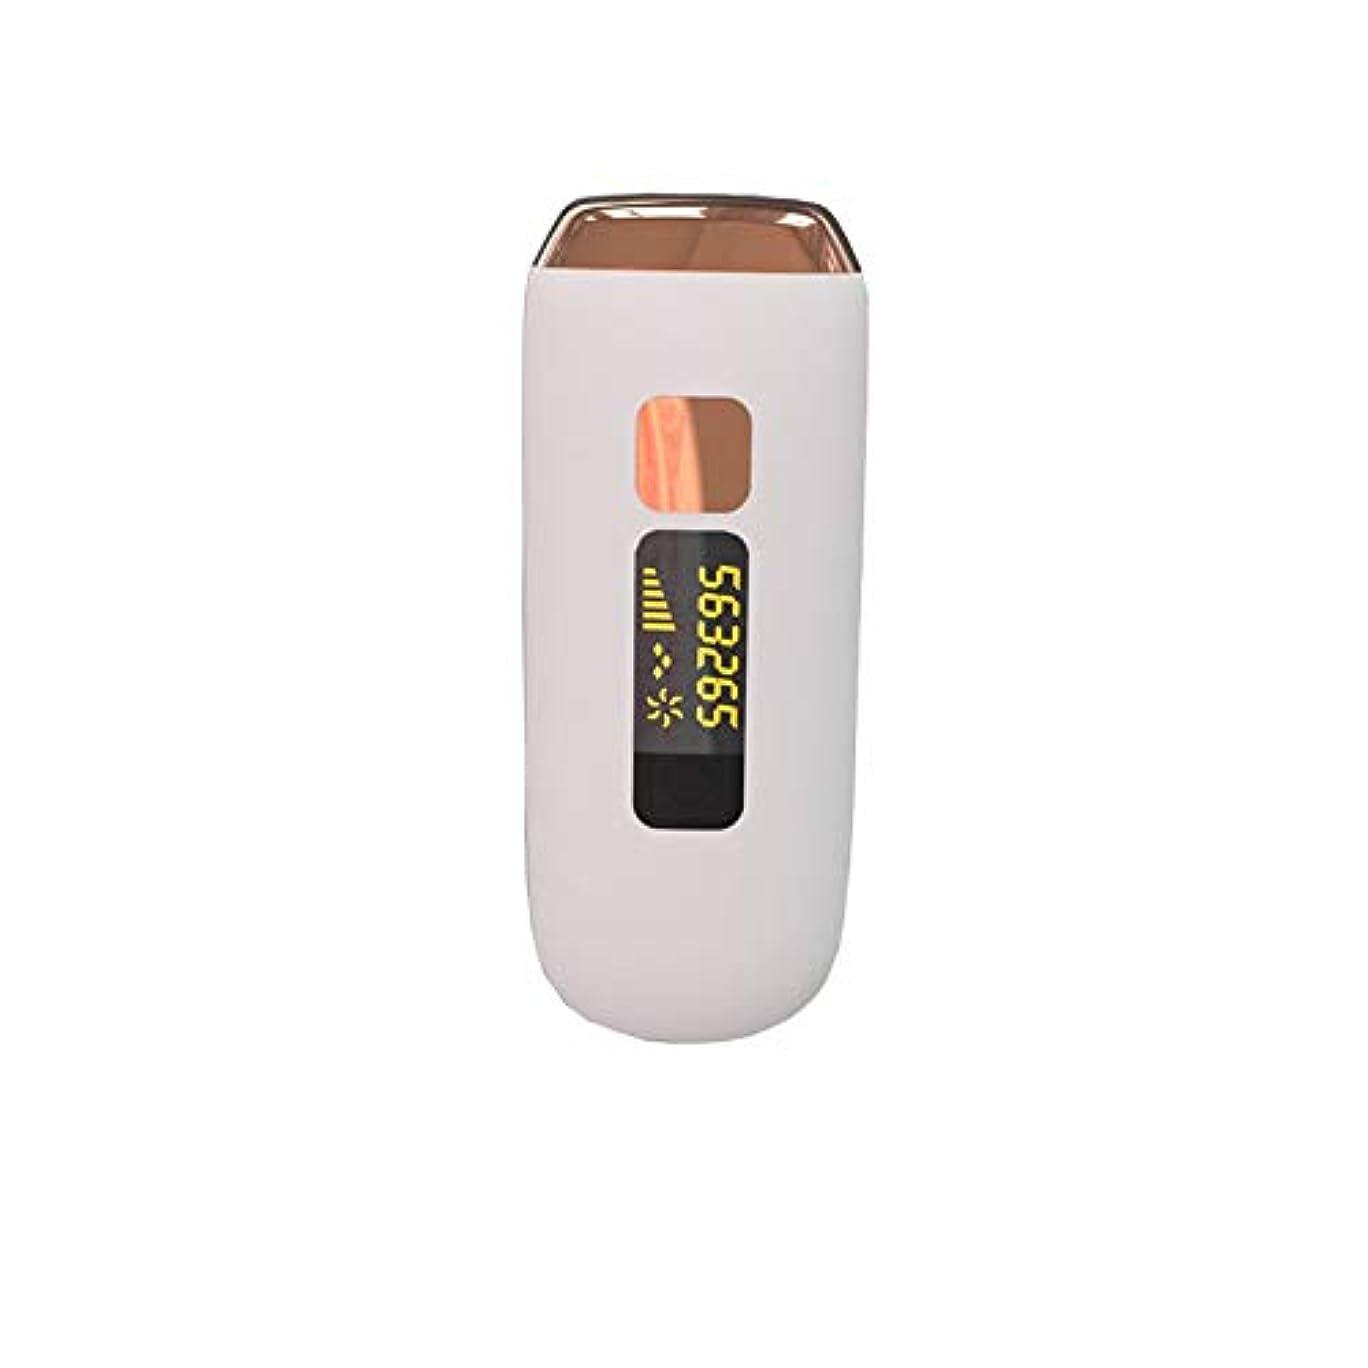 技術精巧な週末鼻体フェイス脚のためのヘアリムーバー充電式カミソリレディ剃毛脱毛防水エピレーター